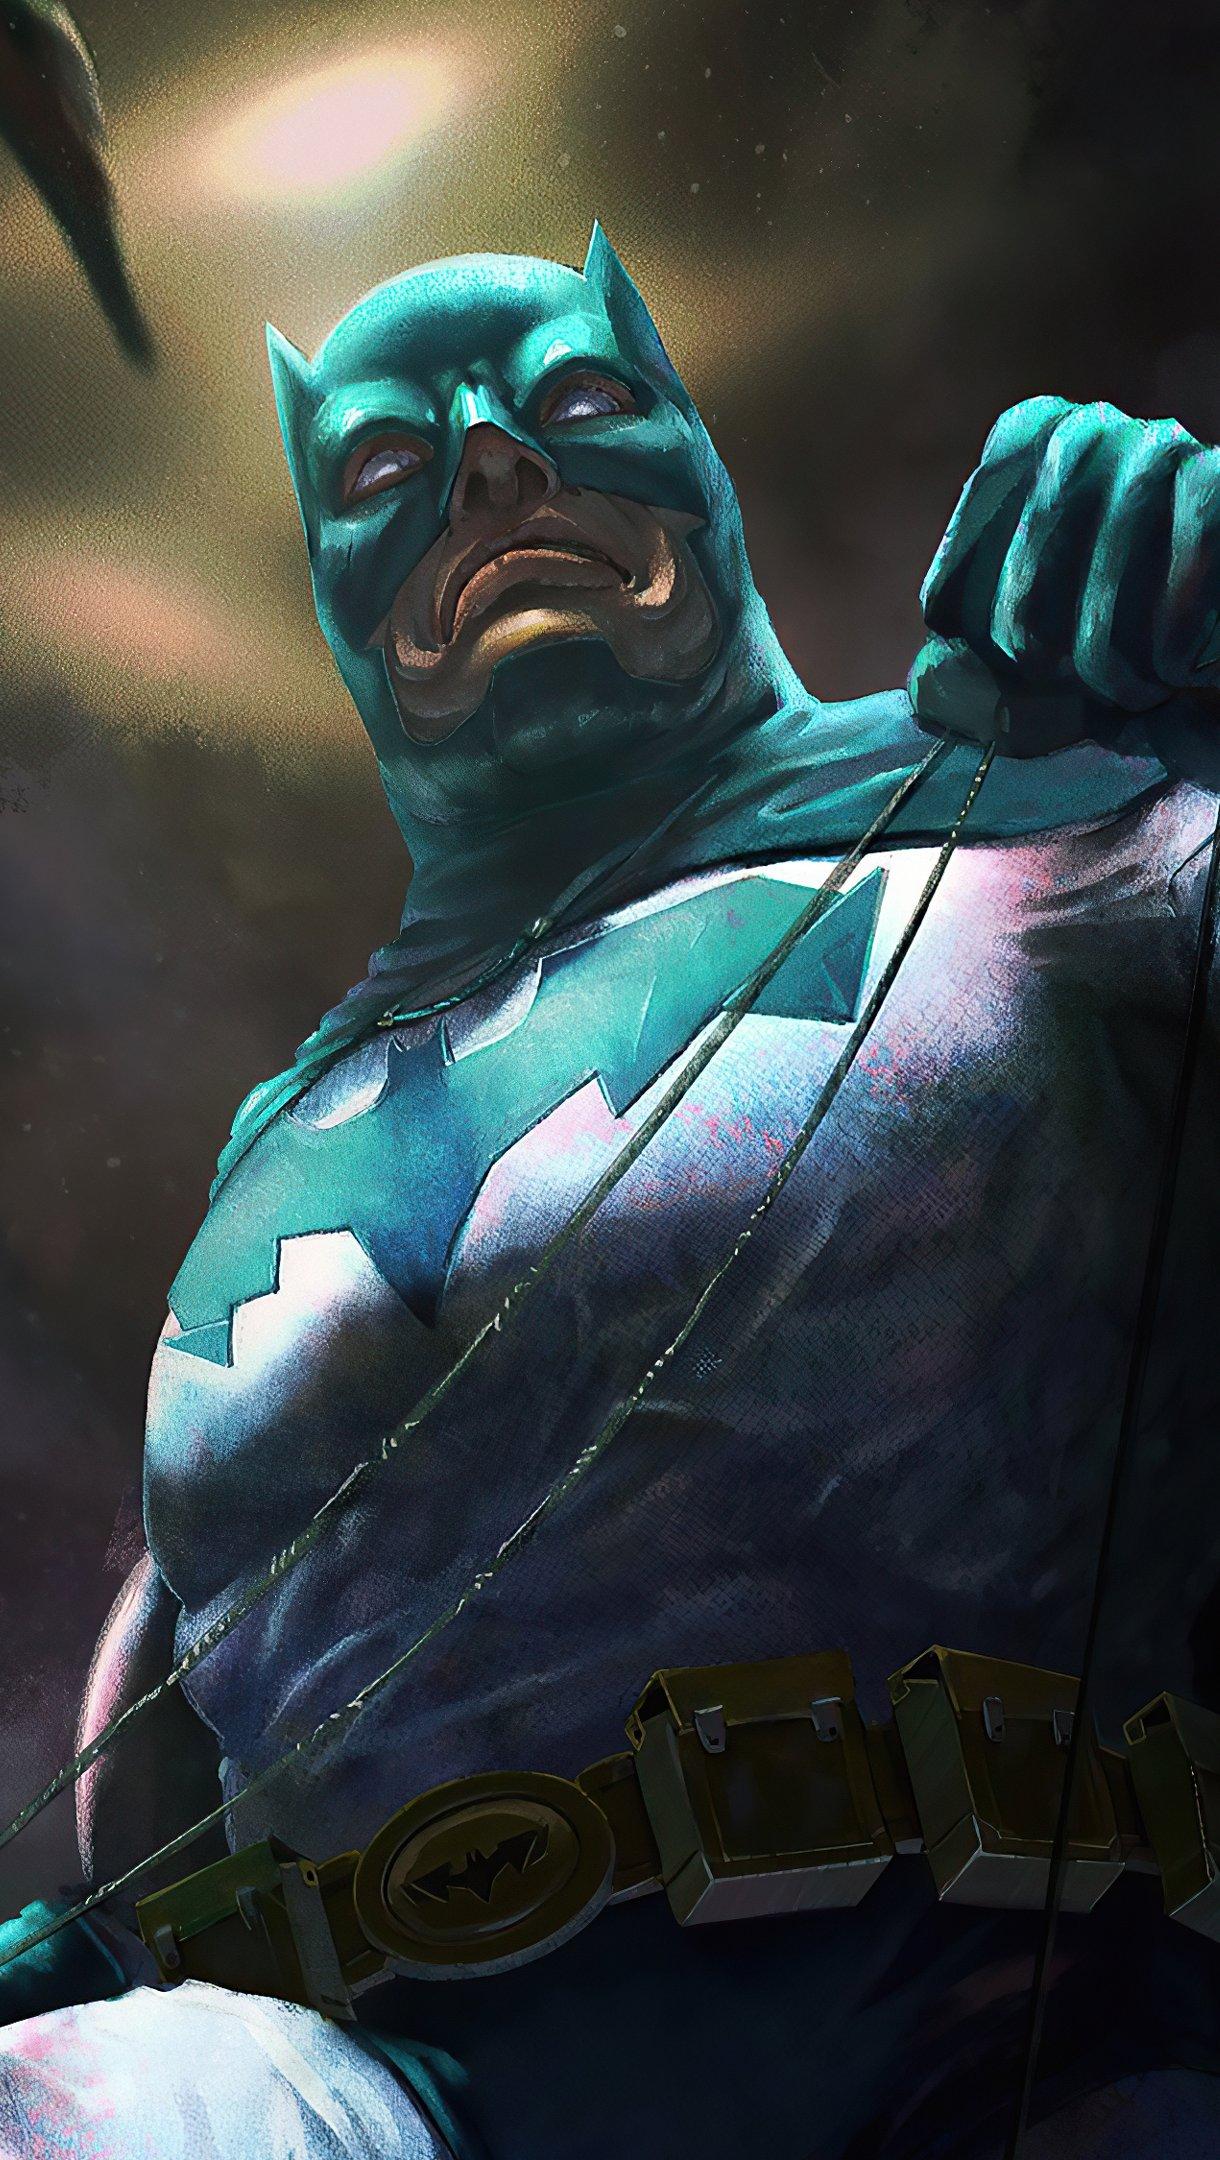 Wallpaper Batman Art 2020 Vertical